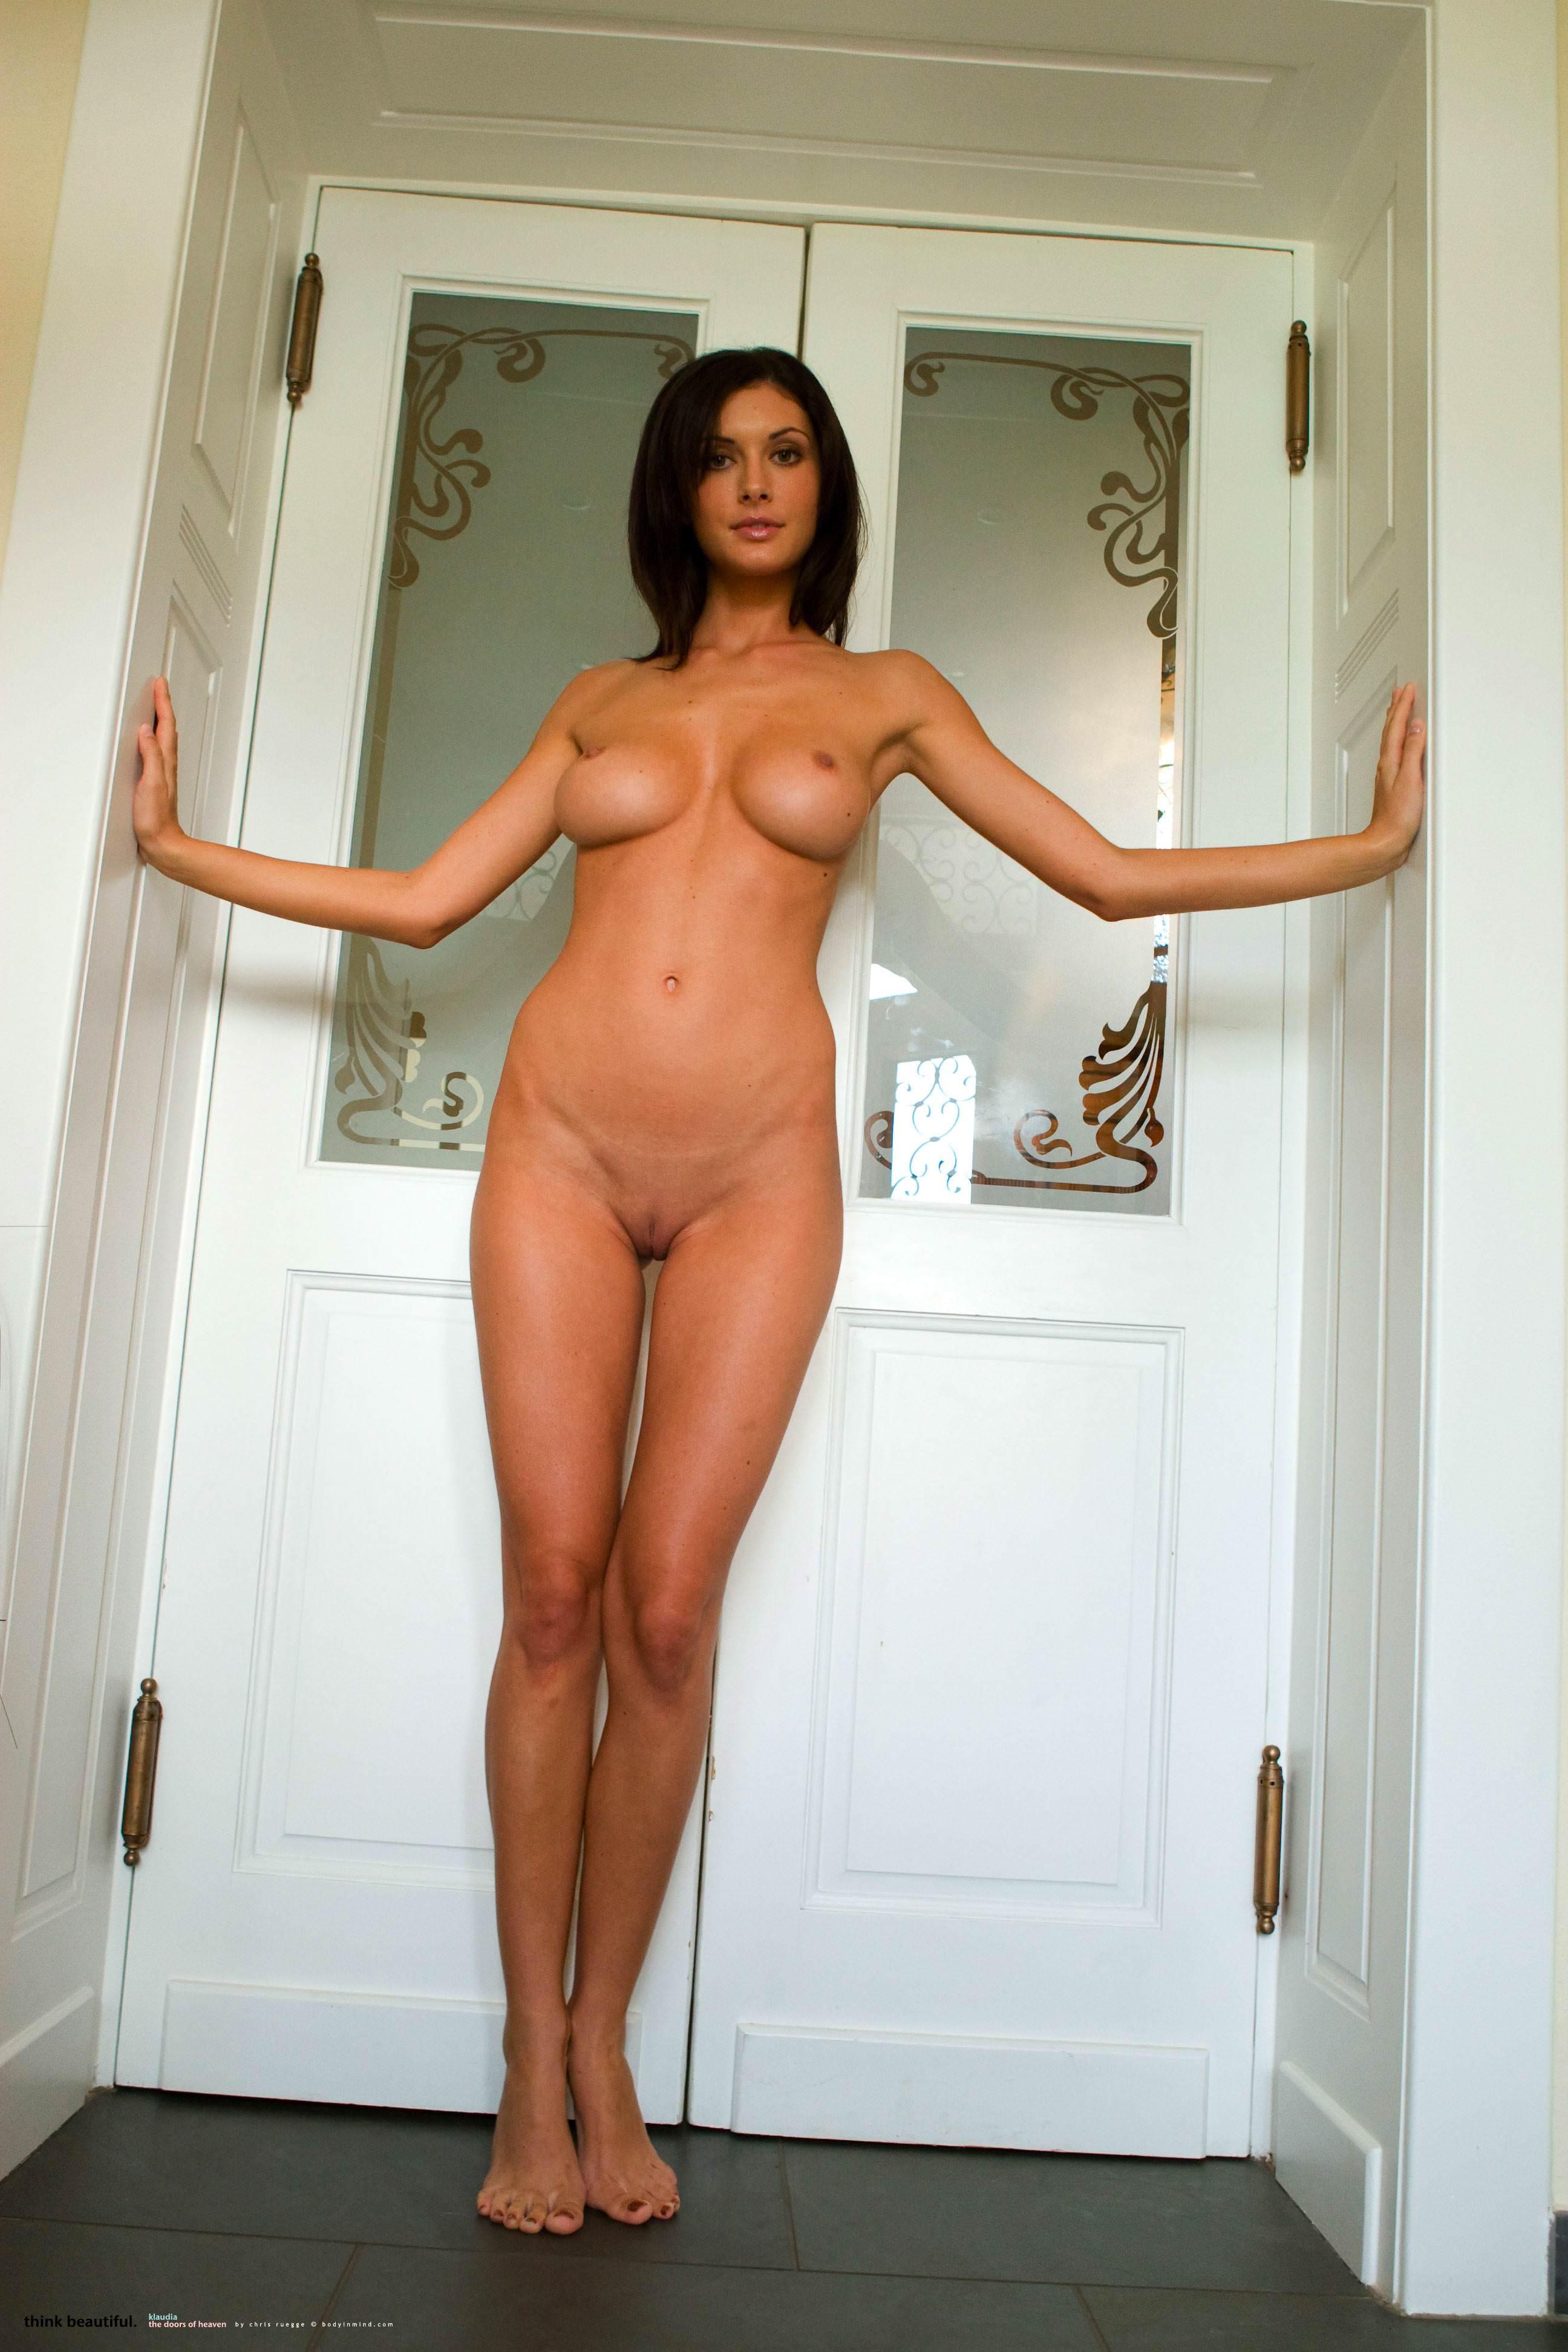 In The Dooryway